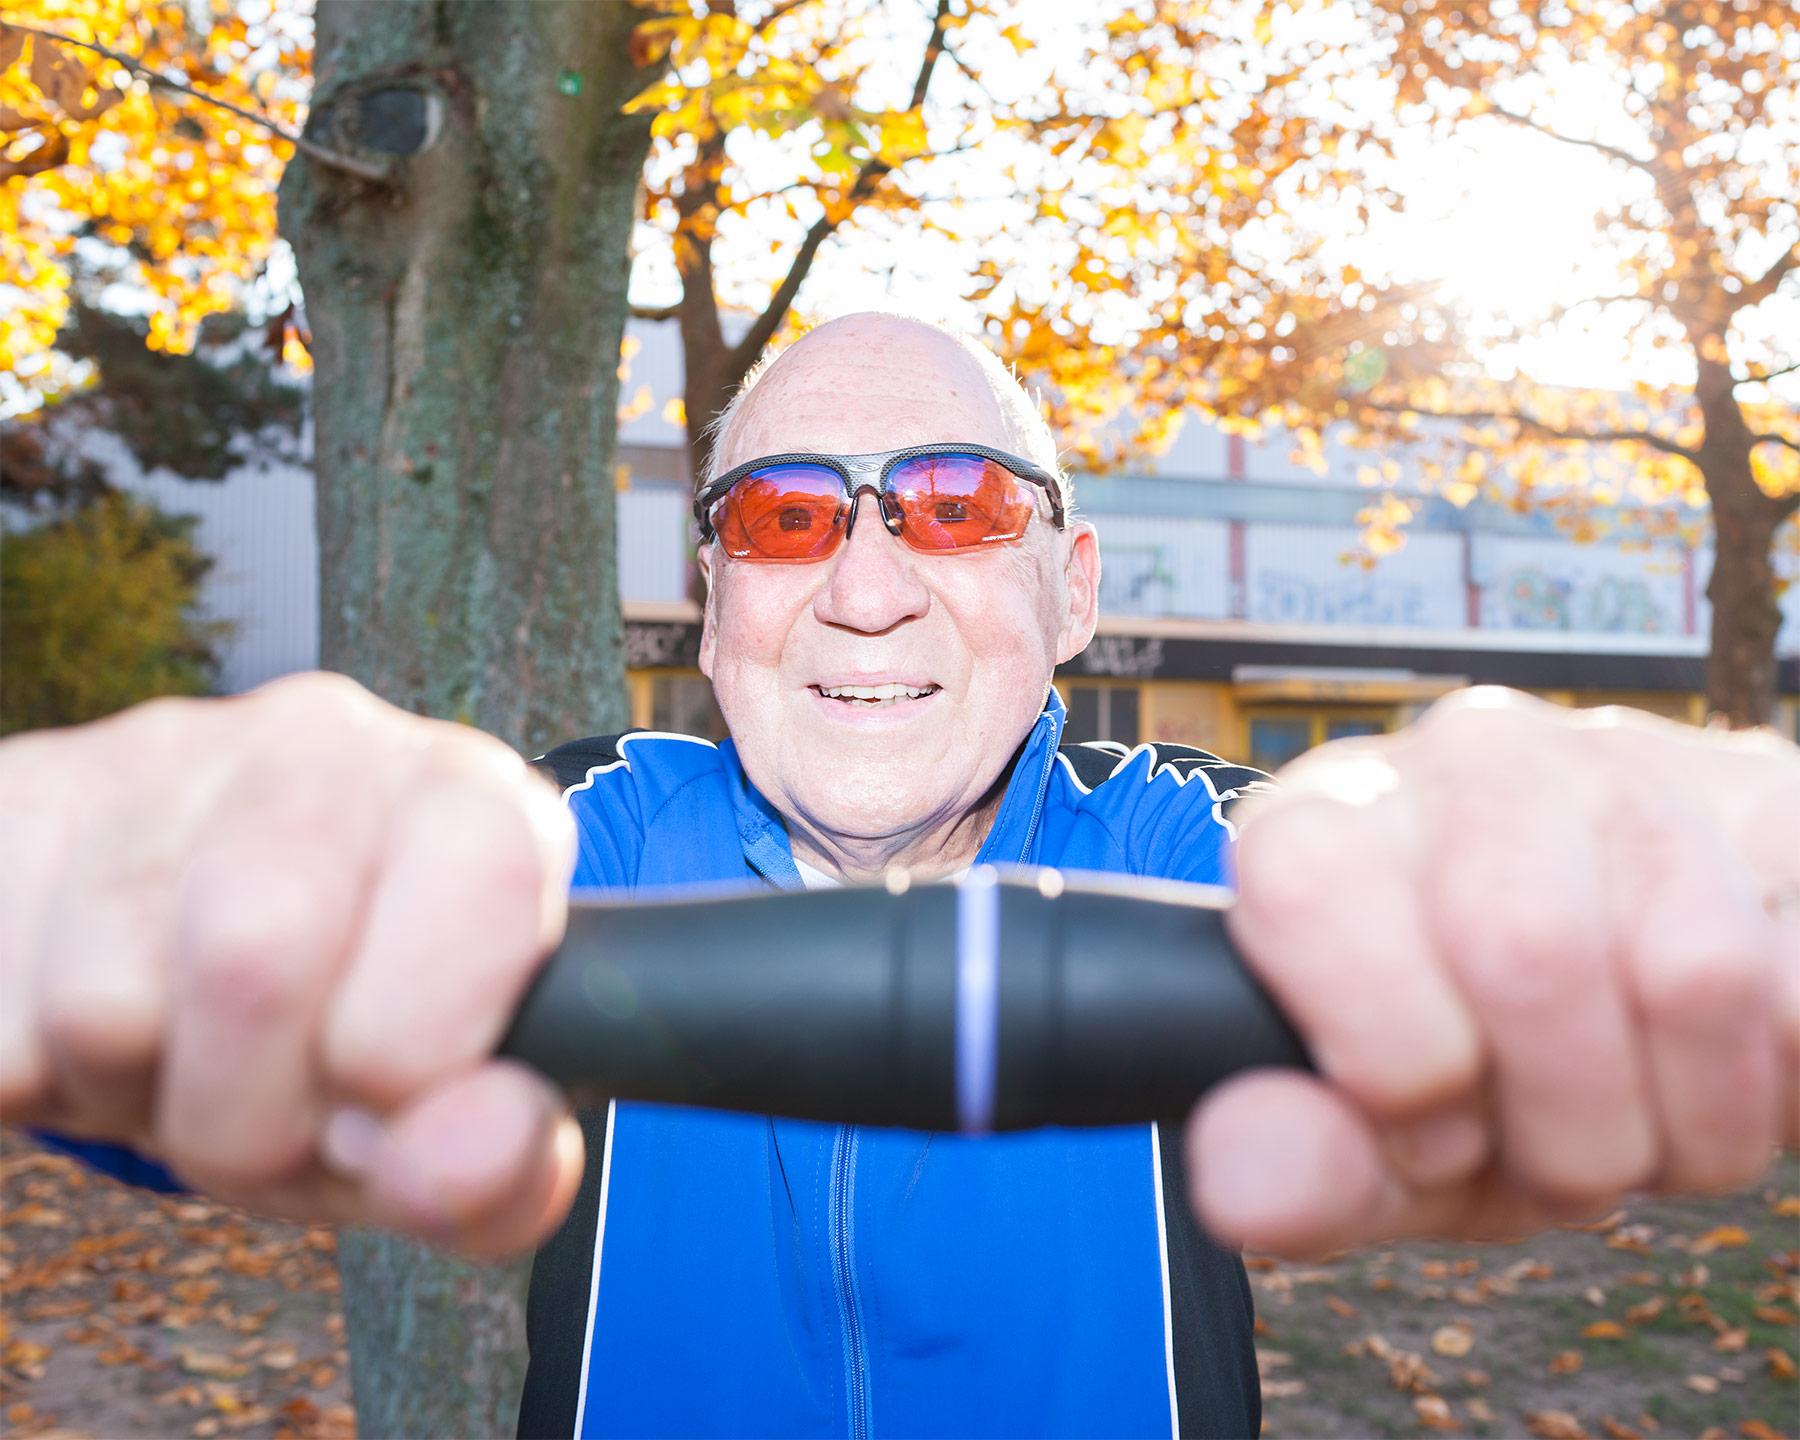 Businessfotografie Storytelling Fotografie Portrait sportlicher Rentner